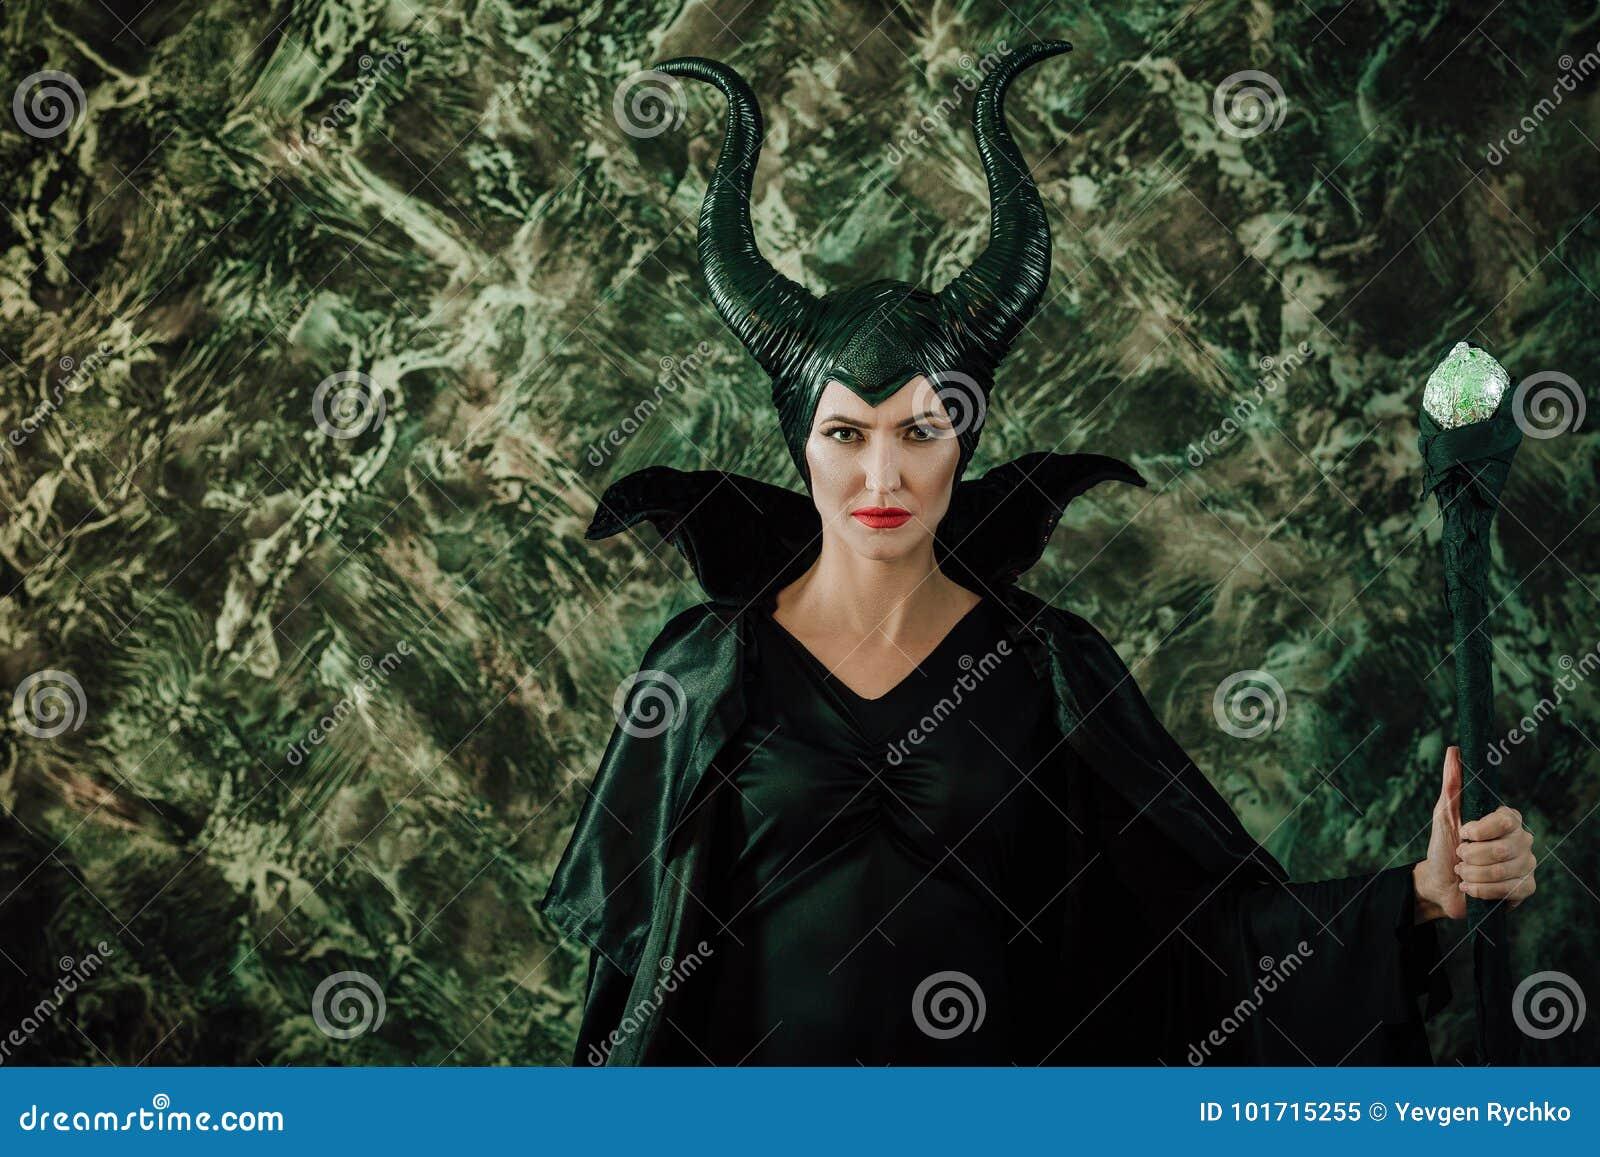 Kvinnan klädde som en felik häxa i regnrock och med horn